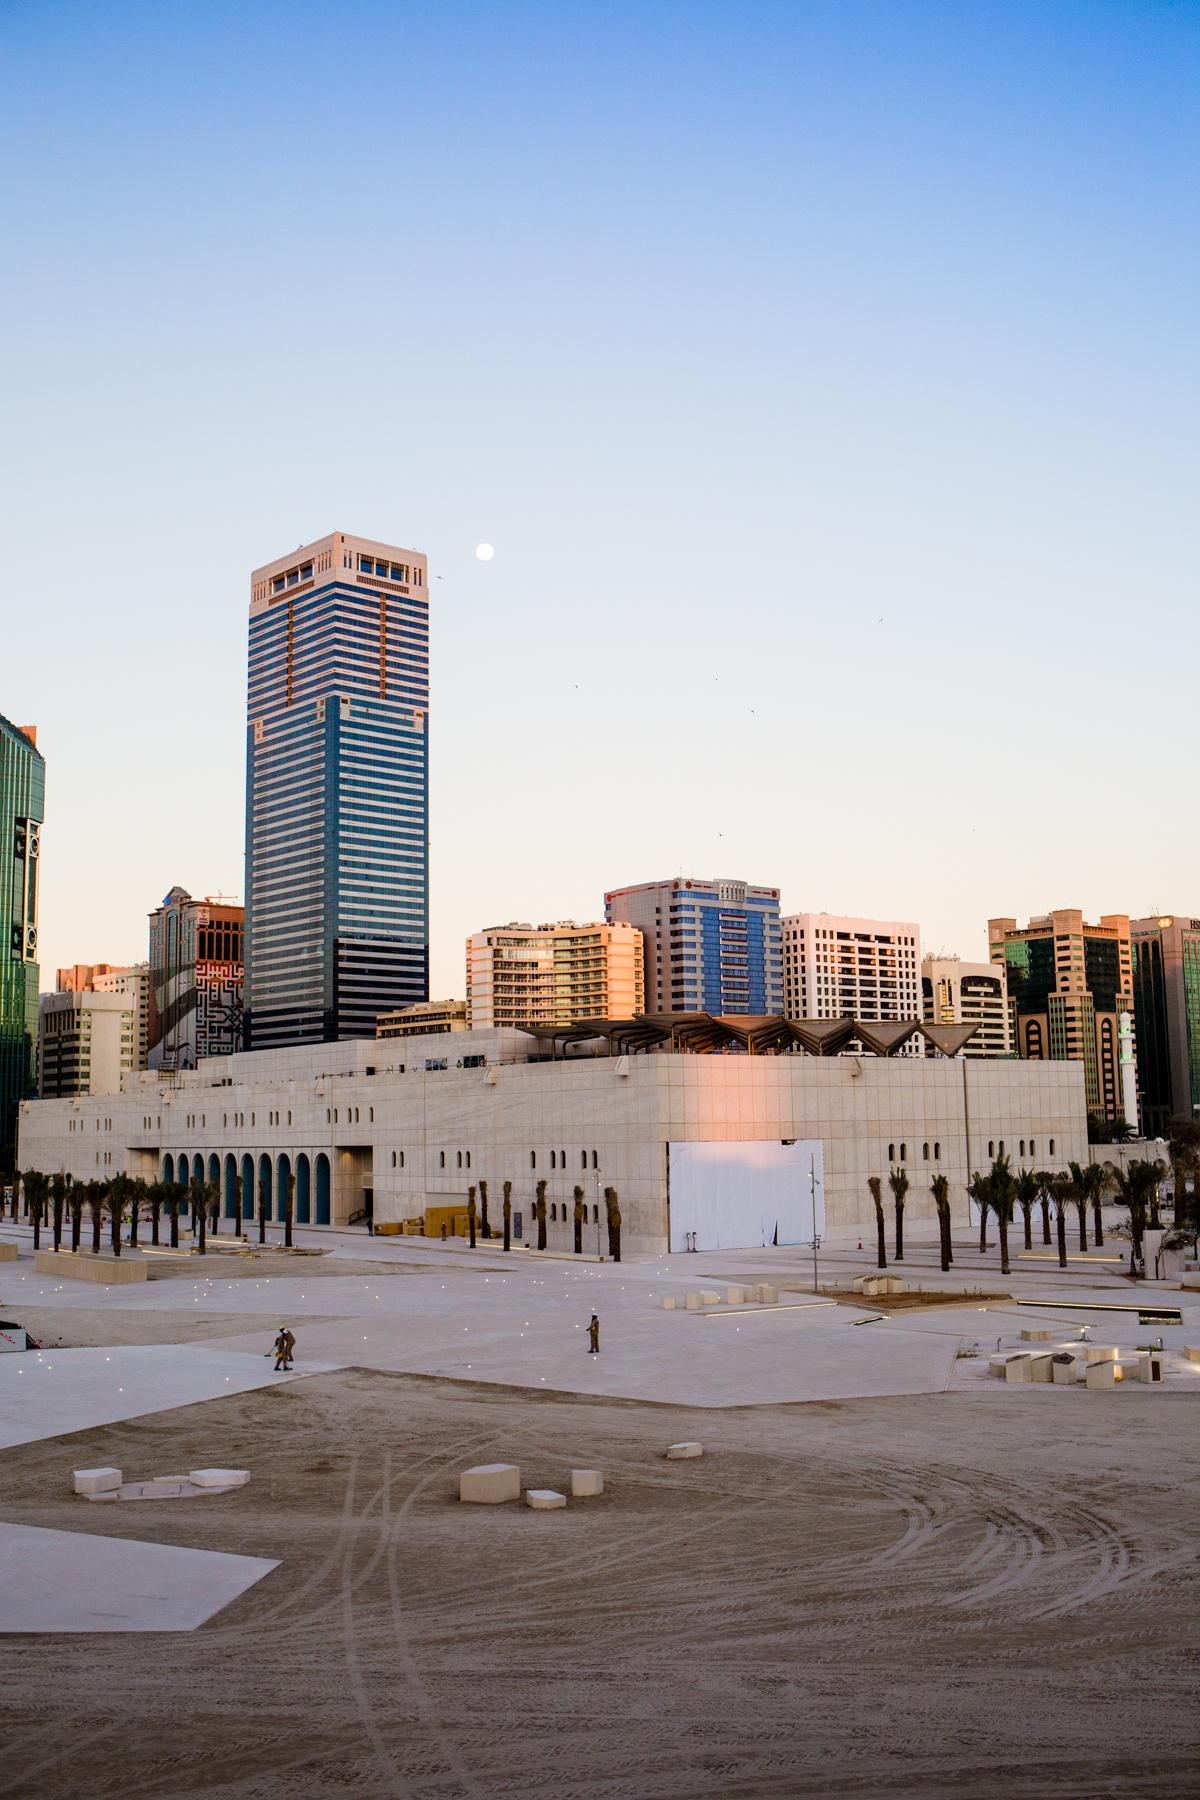 LLG Events Abu Dhabi